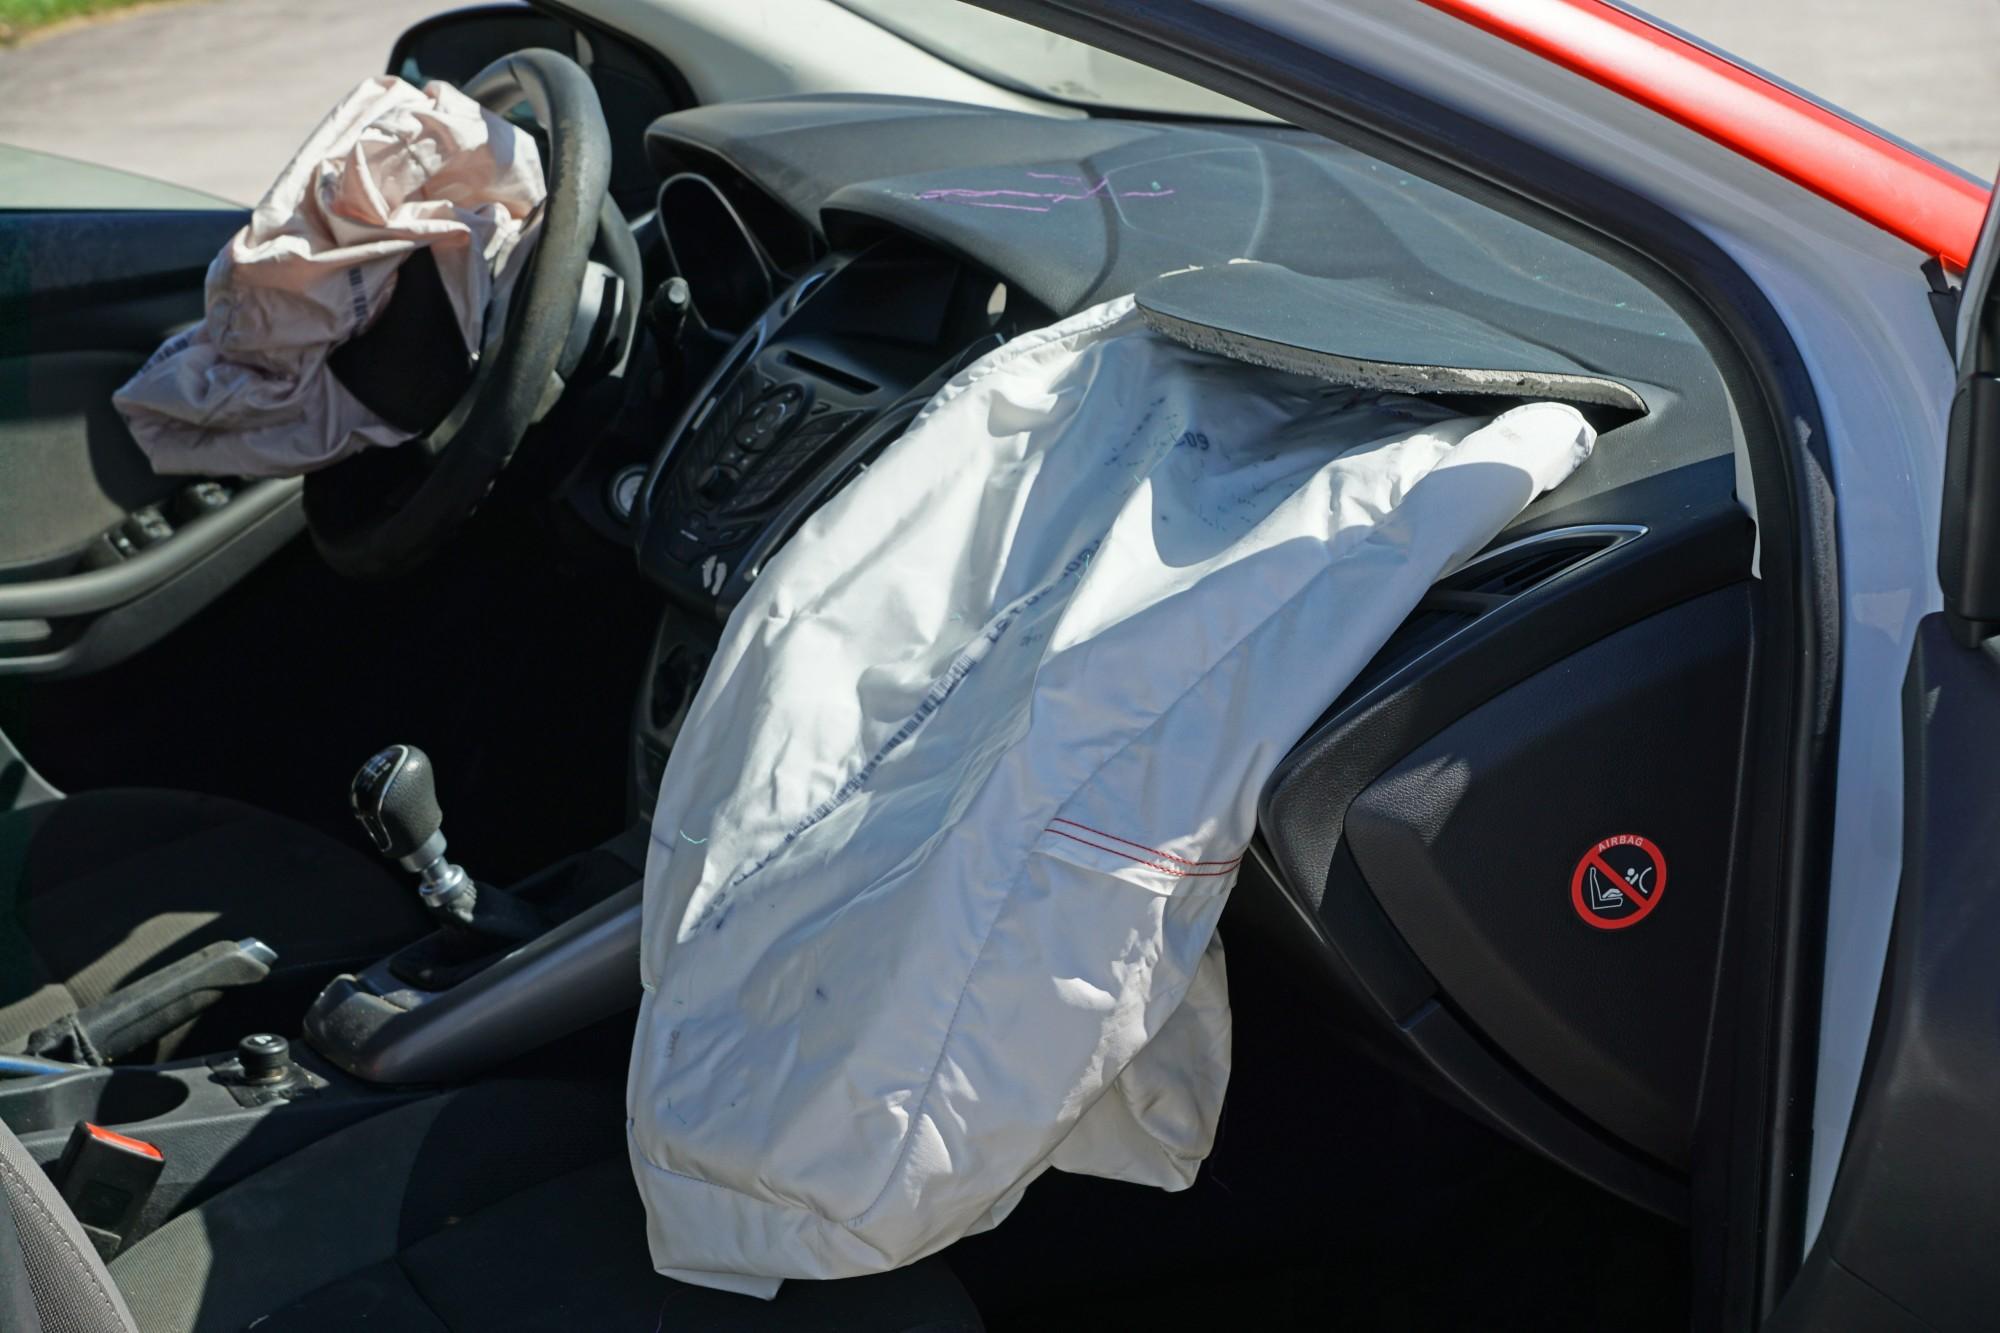 Kujdes me fëmijët në makinë! Airbag-ët i marrin jetën foshnjes shqiptare